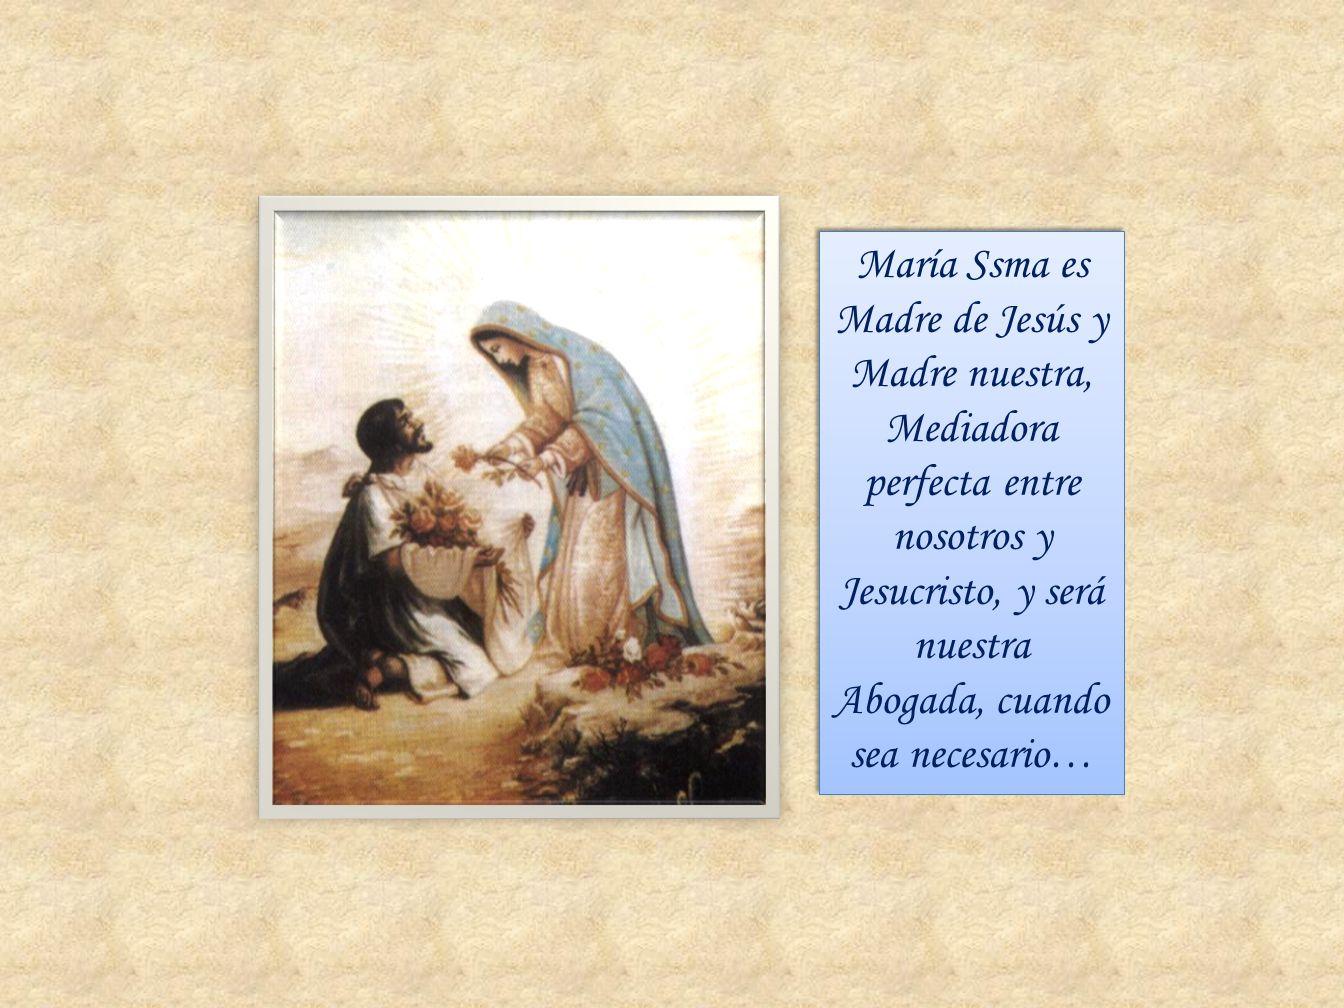 María Ssma es Madre de Jesús y Madre nuestra,